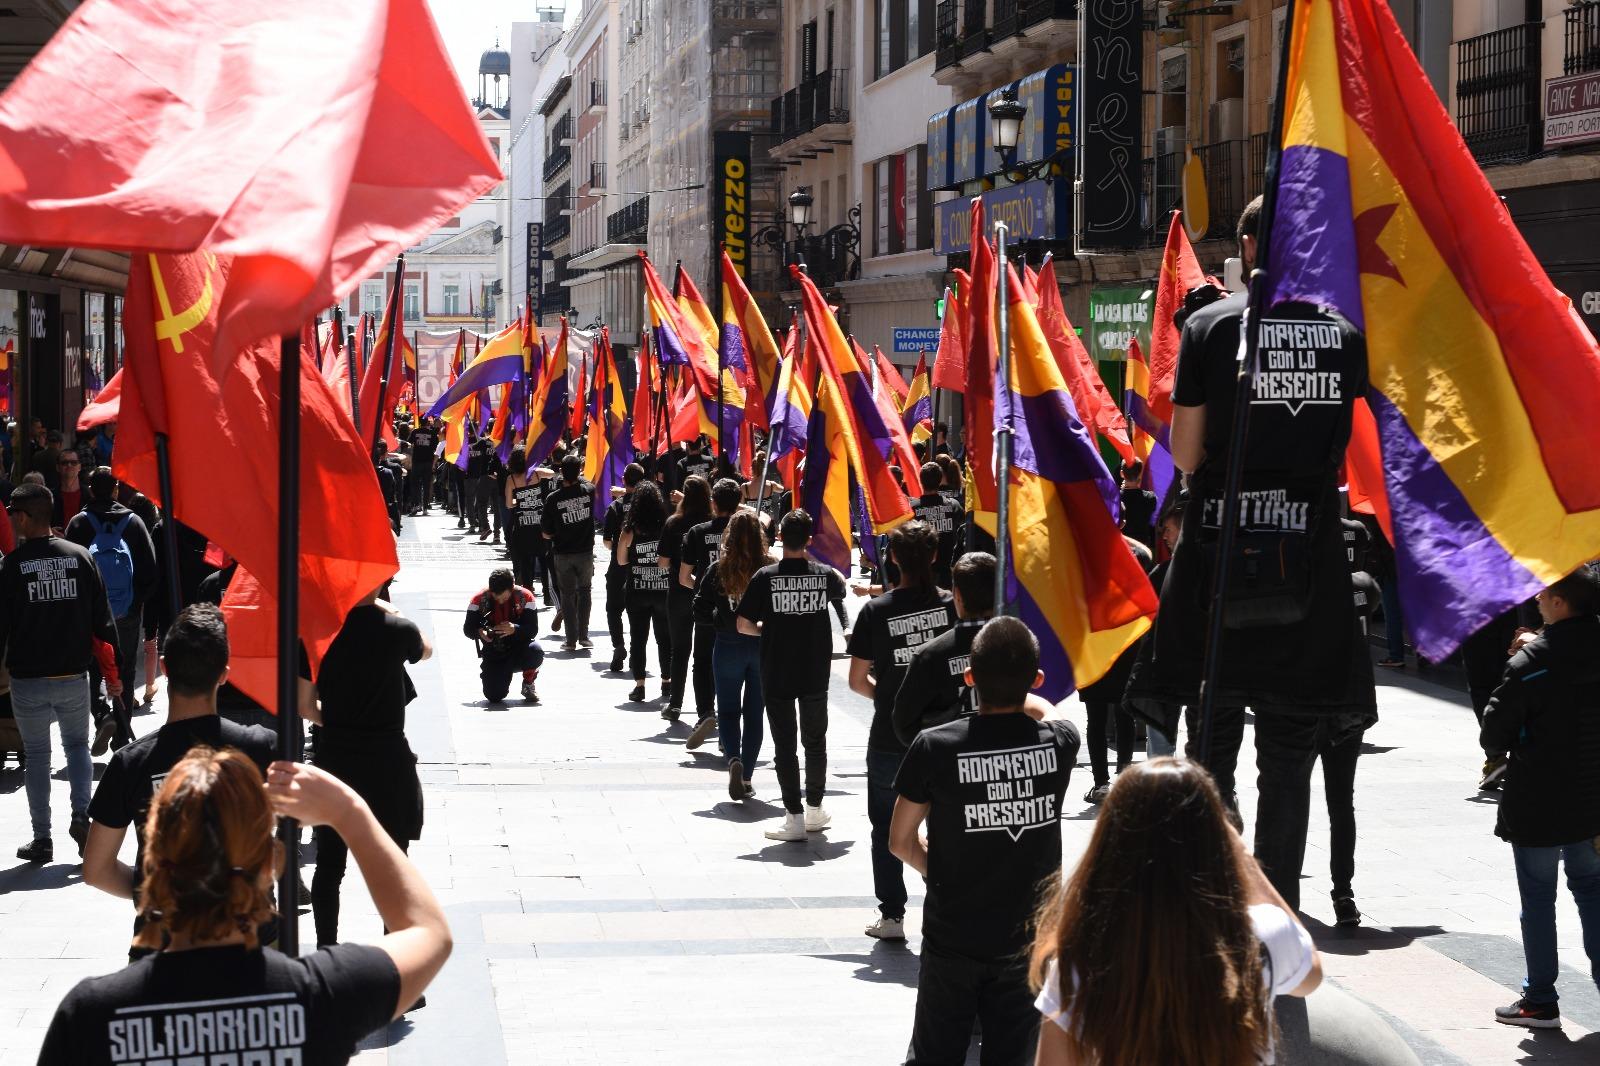 reconstrucción comunista 14 abril